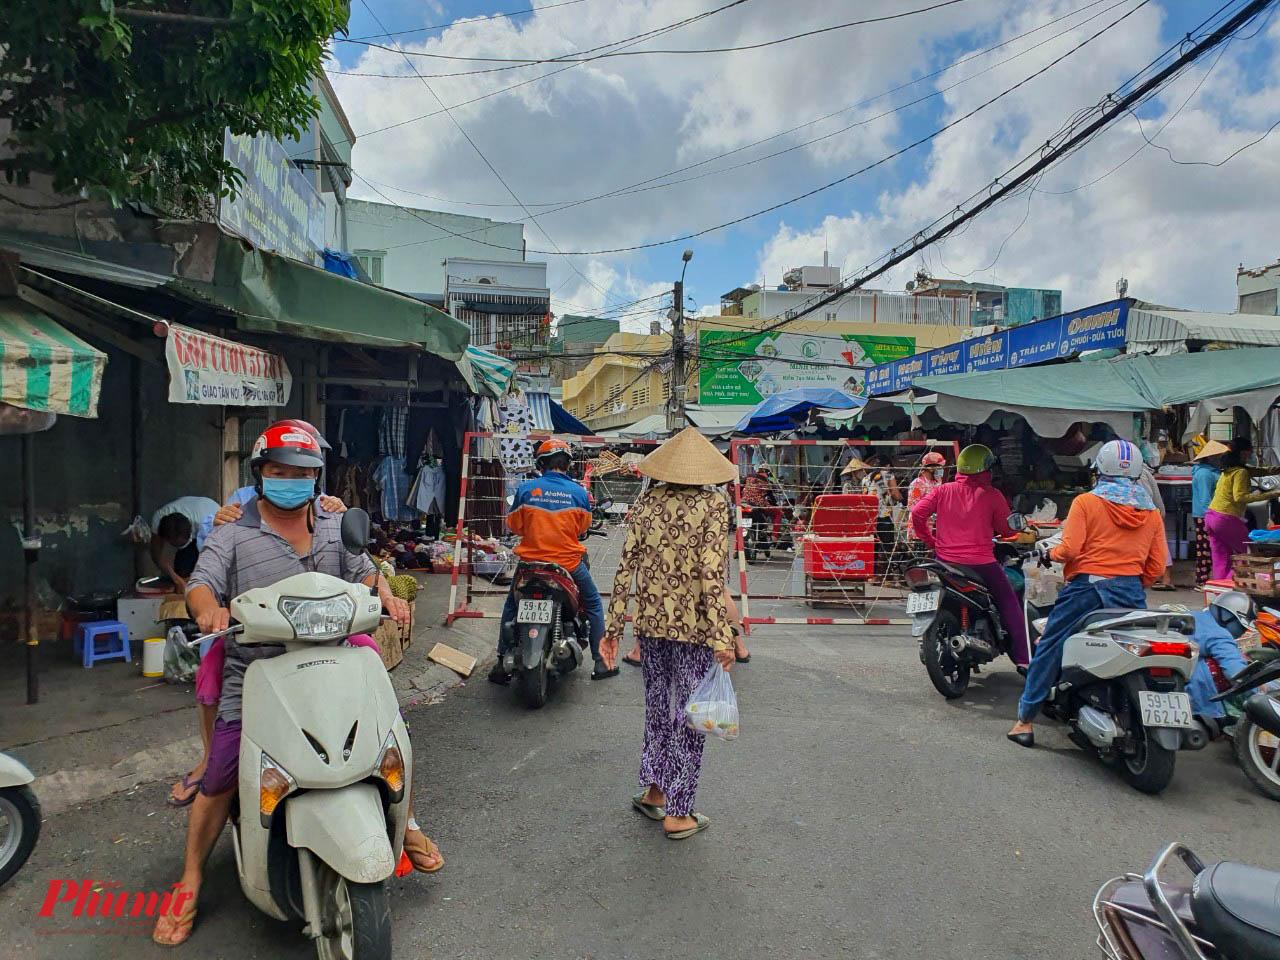 Một khu chợ trên đường Bình Phú (quận 6) được rào chắn các đường nhánh, chỉ mở 1 lối ra và 1 lối vào để kiểm soát dịch